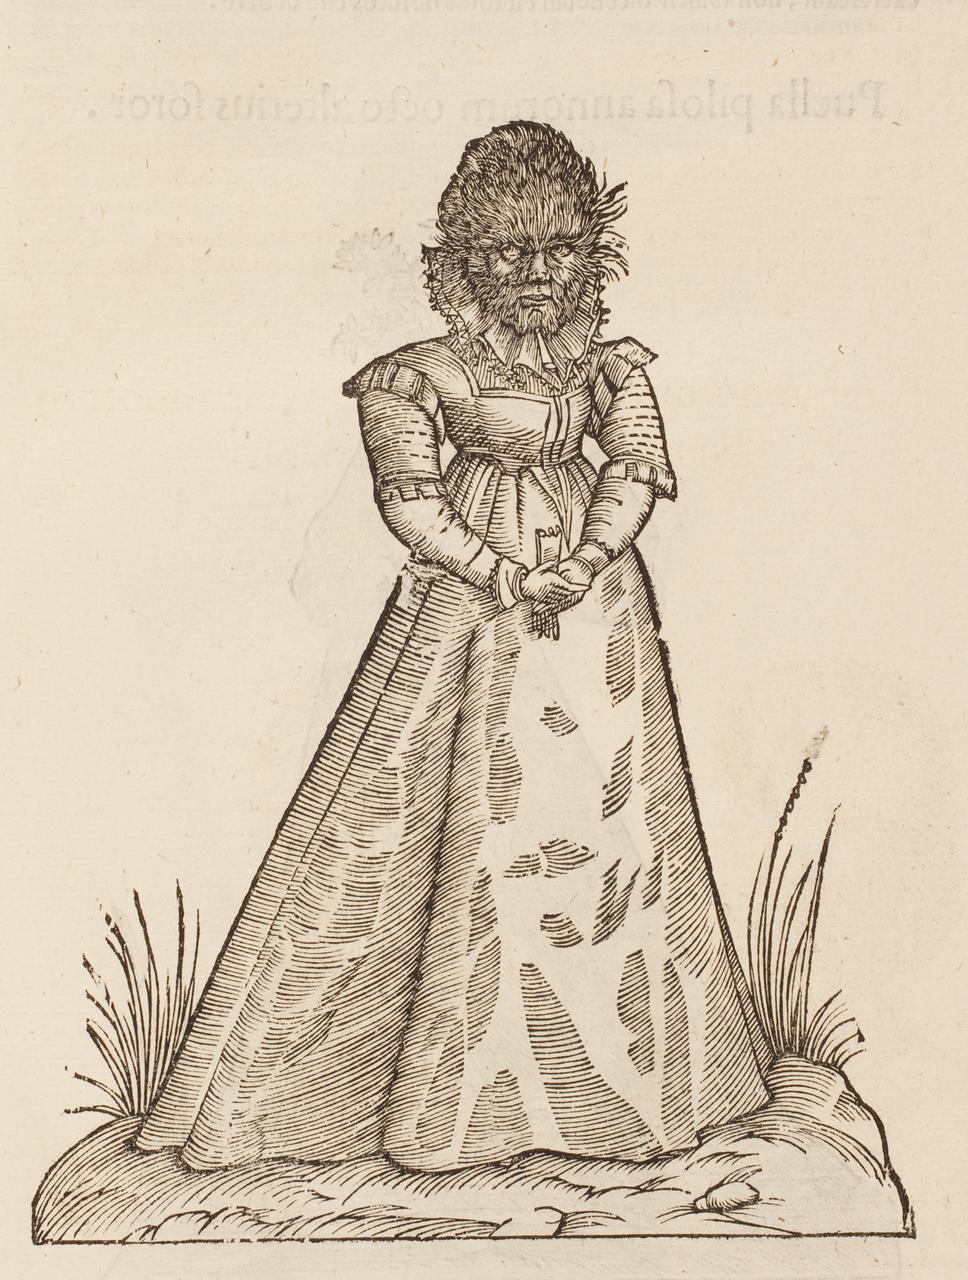 """""""Puella pilosa annorum duodecim"""" (bambina pelosa di 12 anni), tratta da """"Monstrorum Historia"""", di Ulisse Aldrovandi (1522-1605)"""